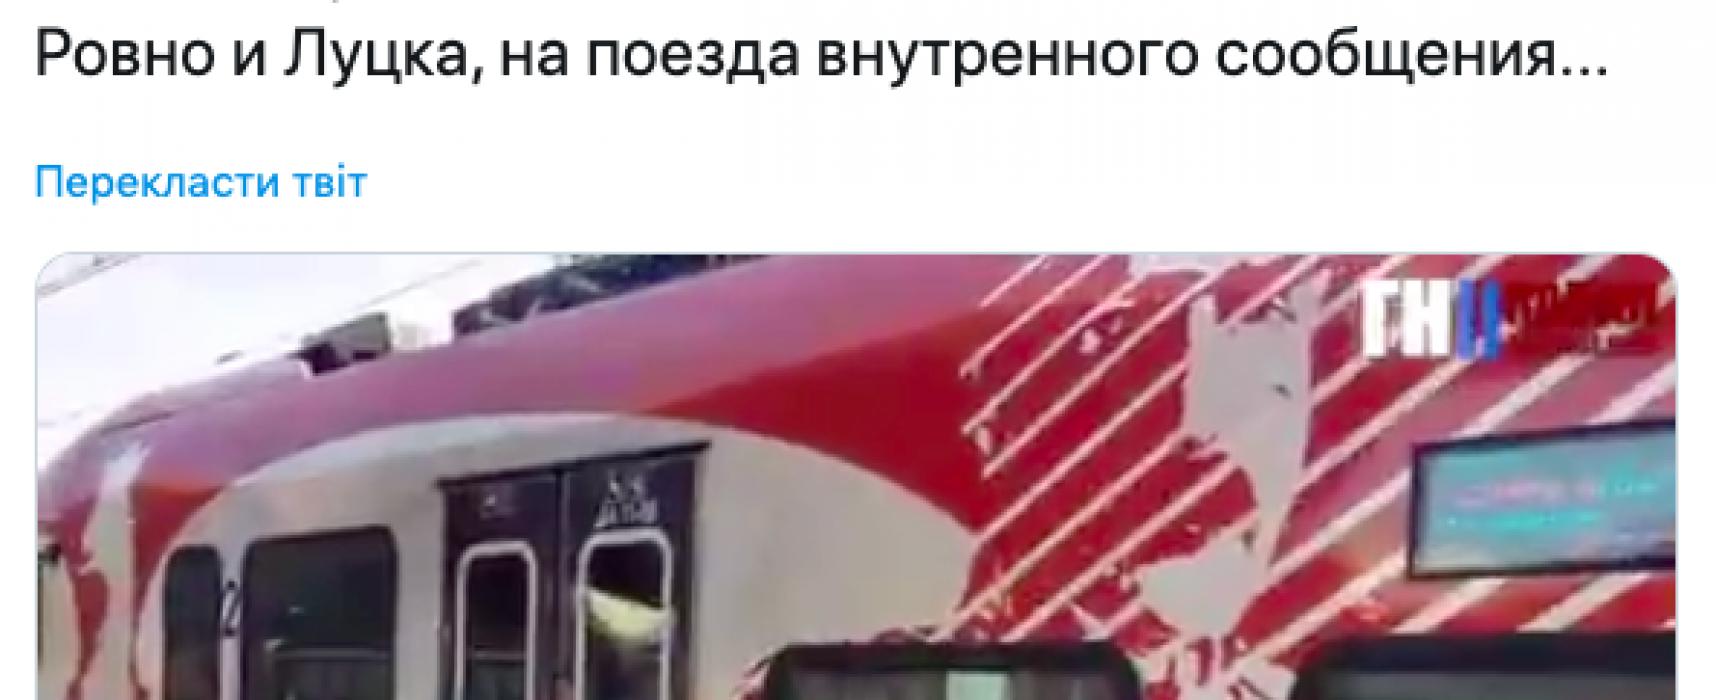 """Manipulacija: Poljska """"prisvojila"""" Lvov, Luck i Rovno"""